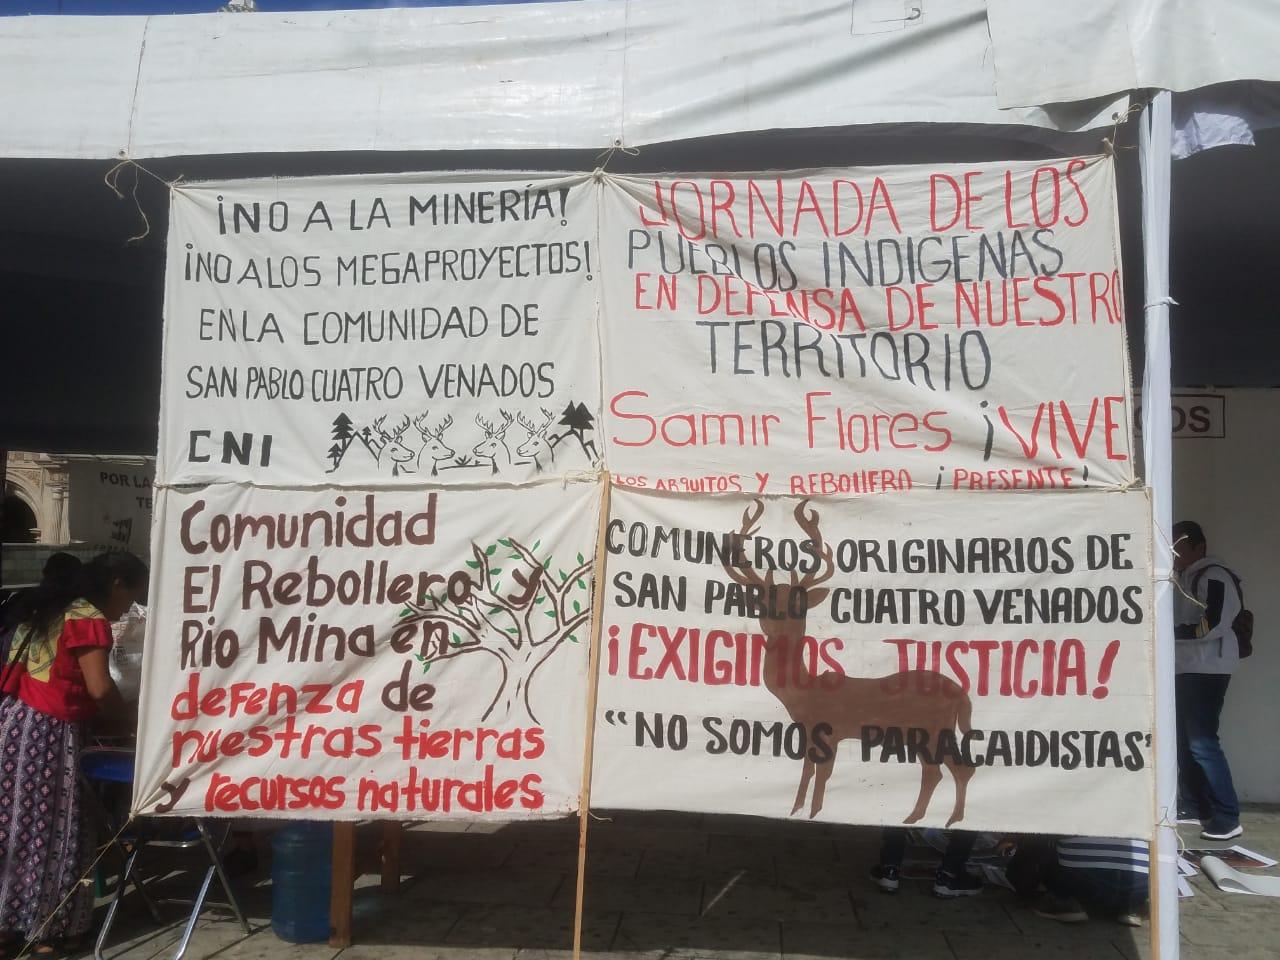 Alerta máxima en la comunidad de 4 Venados tras presencia del ejército (Oaxaca)